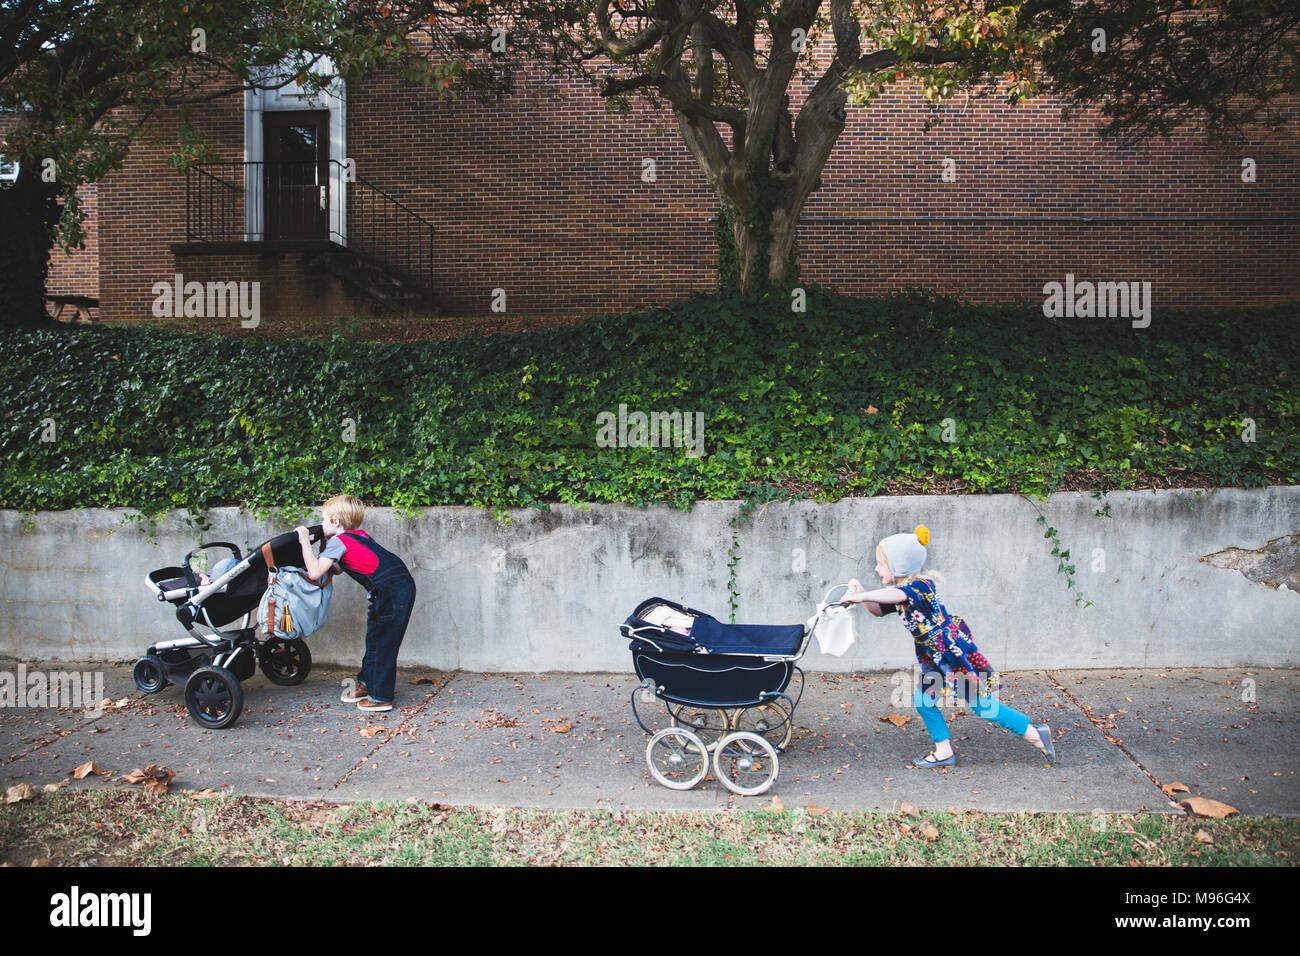 Bambini spingendo carrozzine lungo la strada Immagini Stock